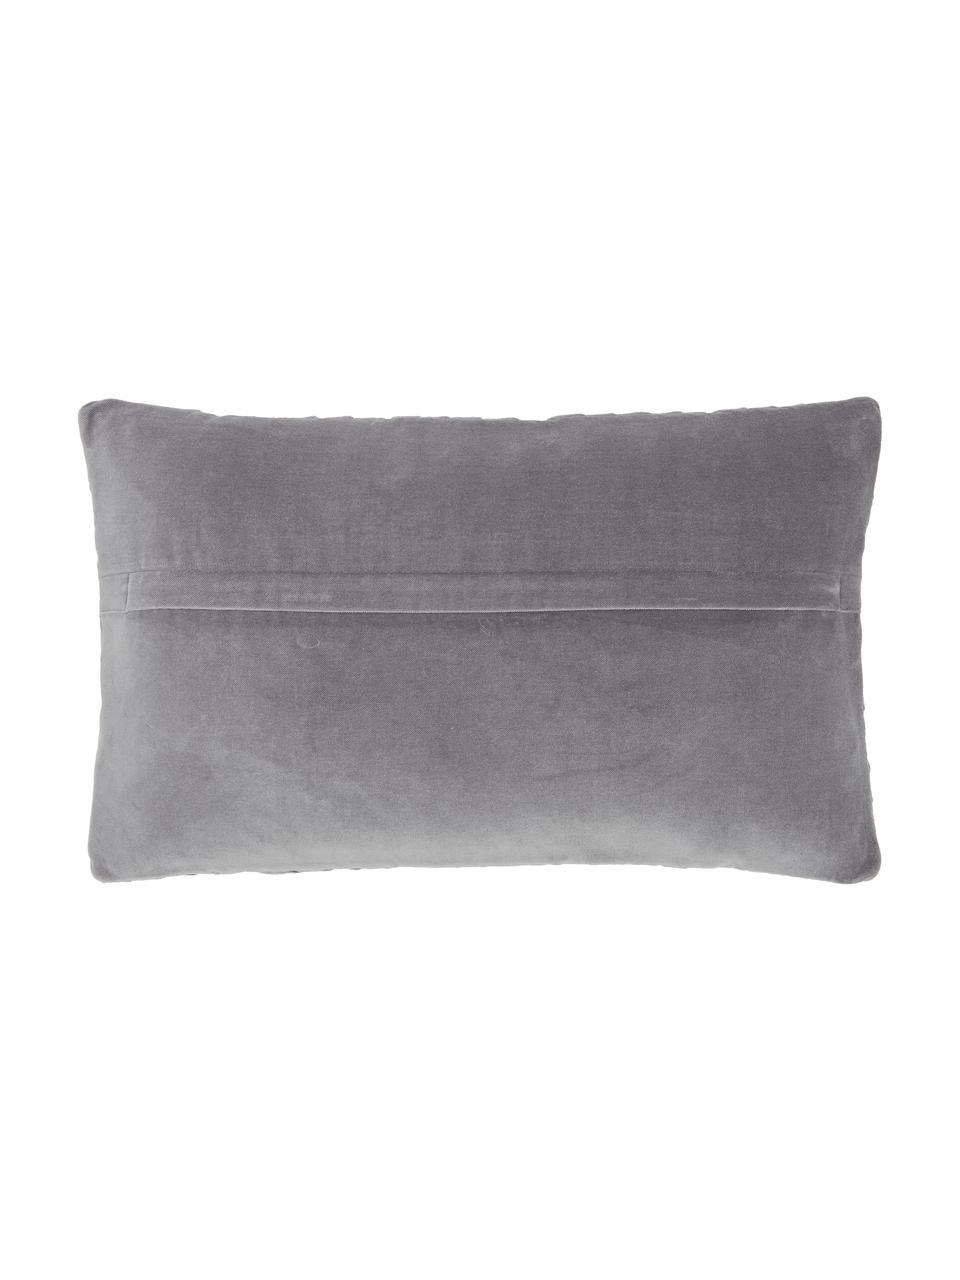 Federa arredo in velluto grigio scuro con motivo a rilievo Sina, Velluto (100% cotone), Grigio, Larg. 30 x Lung. 50 cm